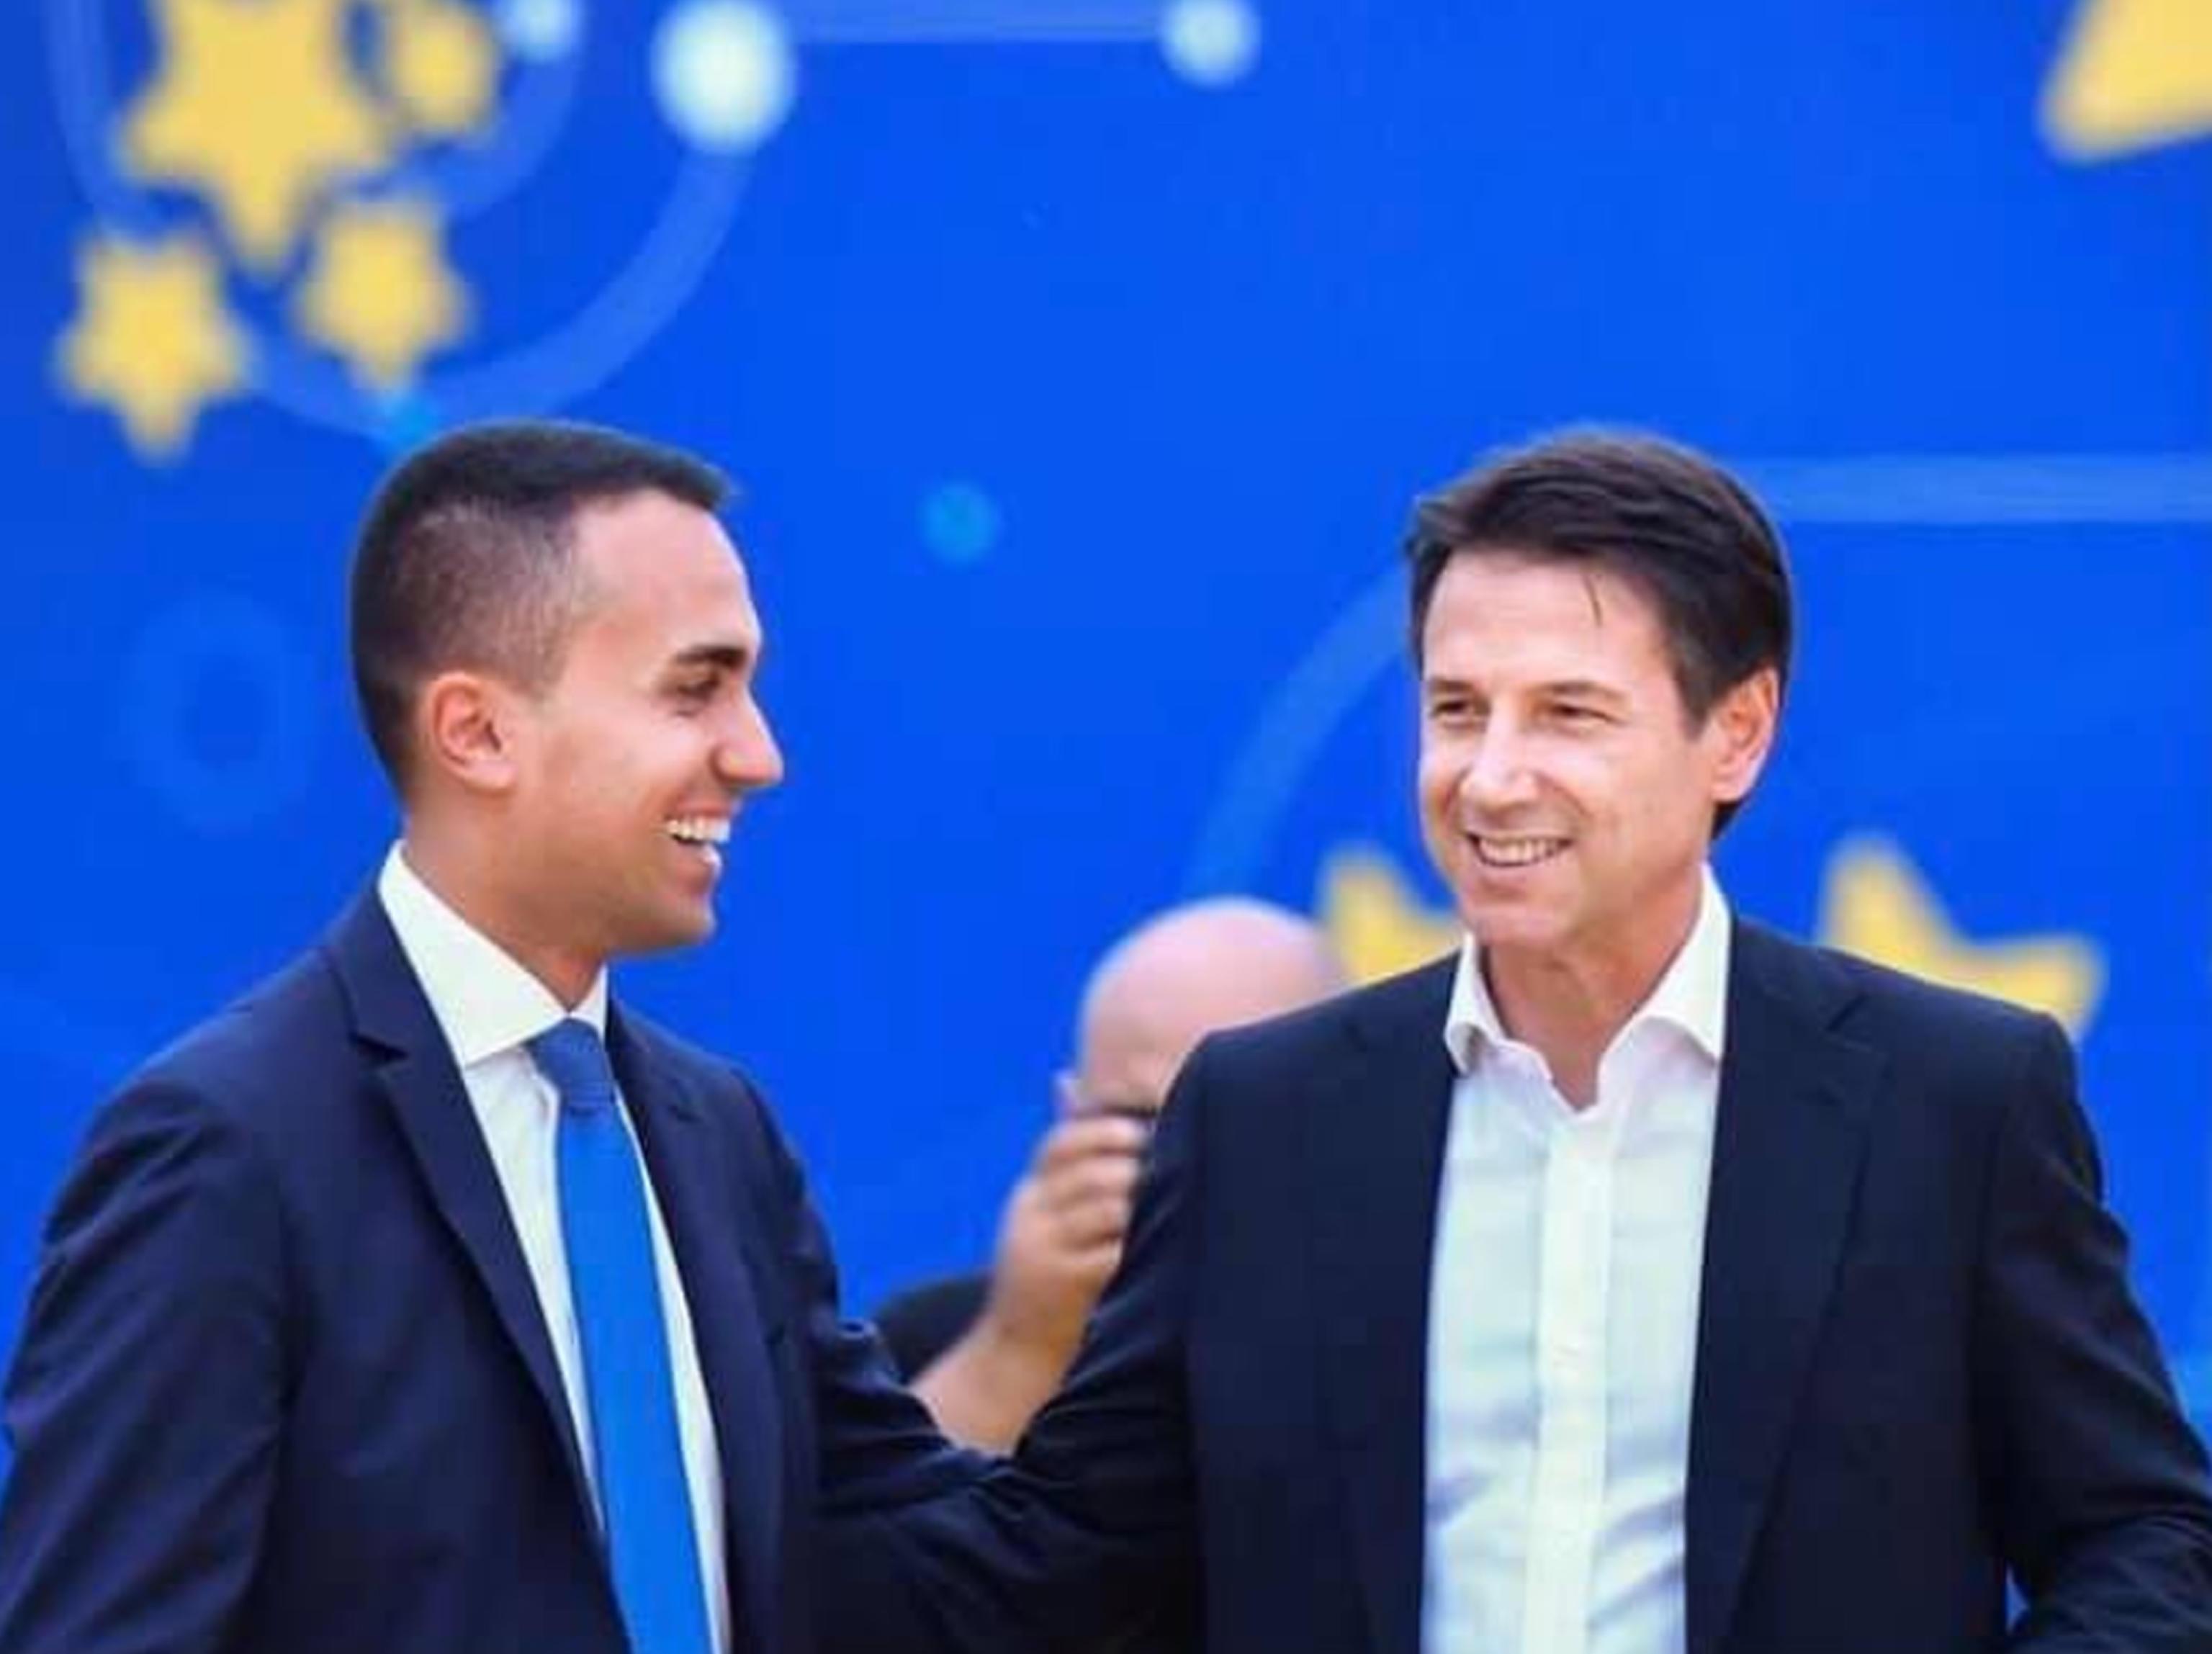 M5s, continua il braccio di ferro tra Conte e Casaleggio. L'ex premier: «Il simbolo è e rimane del Movimento 5 Stelle»